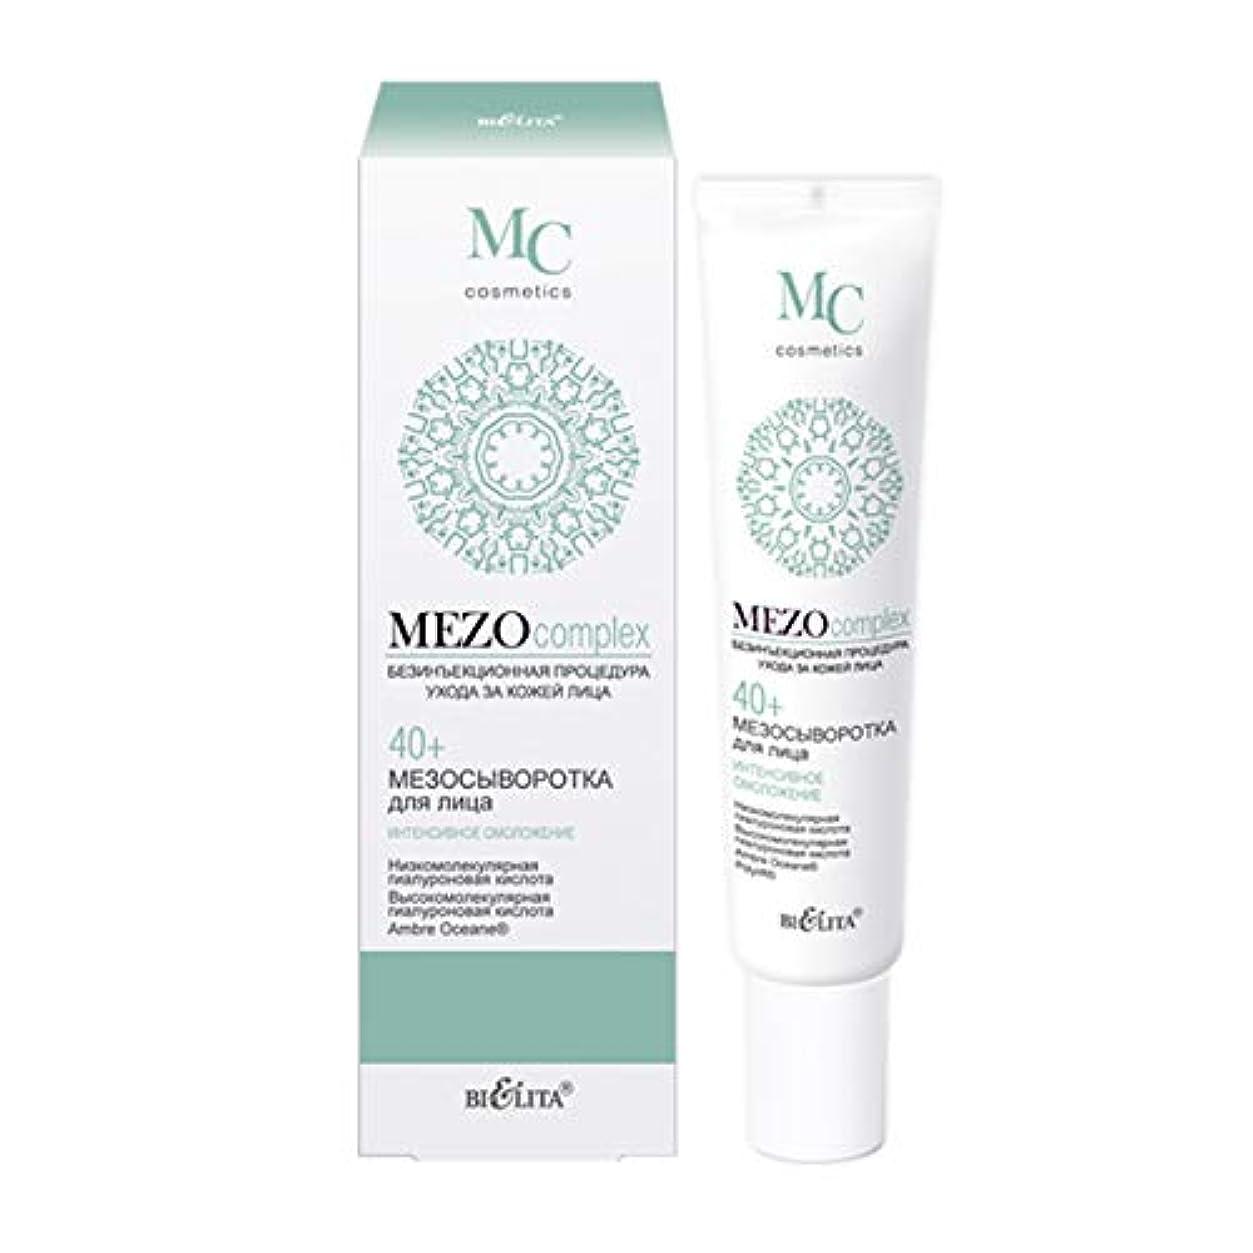 名前で反響するオーバーフローMezo complex Serum Intensive Rejuvenation 40+ | Non-injection facial skin care procedure | Ambre Oceane | Polylift...